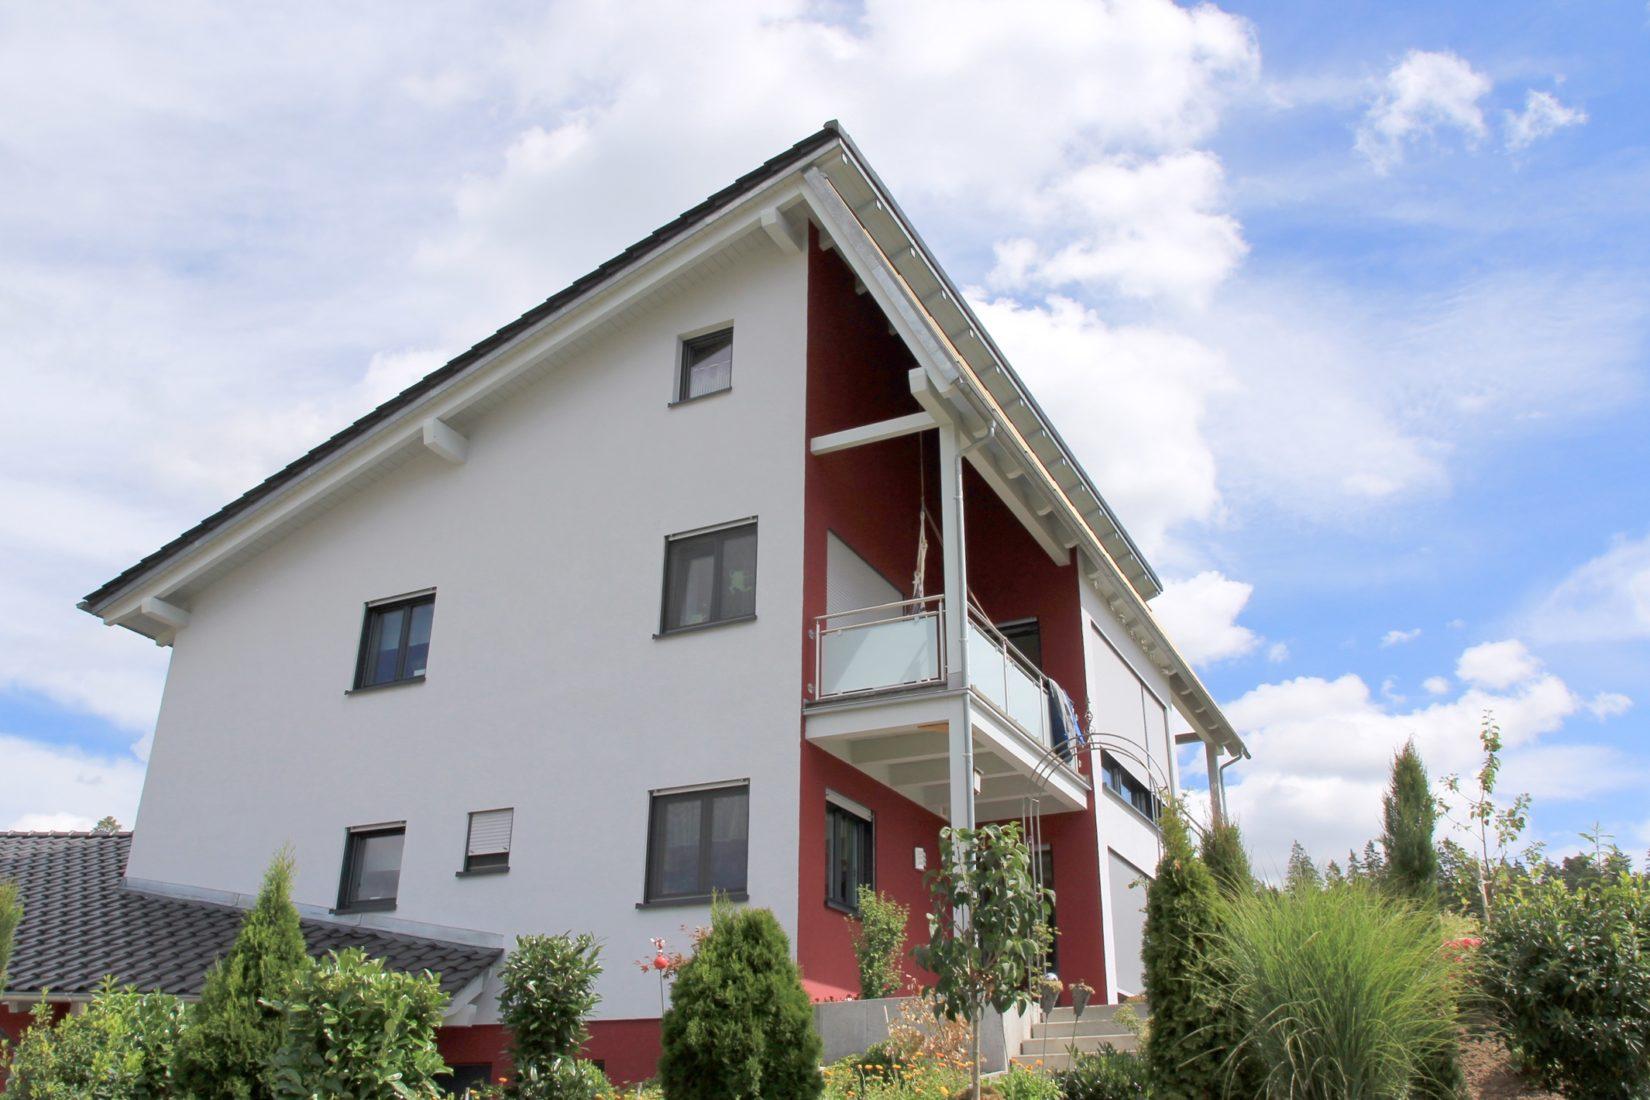 Typisches Holzrahmenhaus mit Wärmedämmverbundsystem aus Holzfaser-Dämmplatten. Foto: Fraunhofer WKI / Norbert Rüther